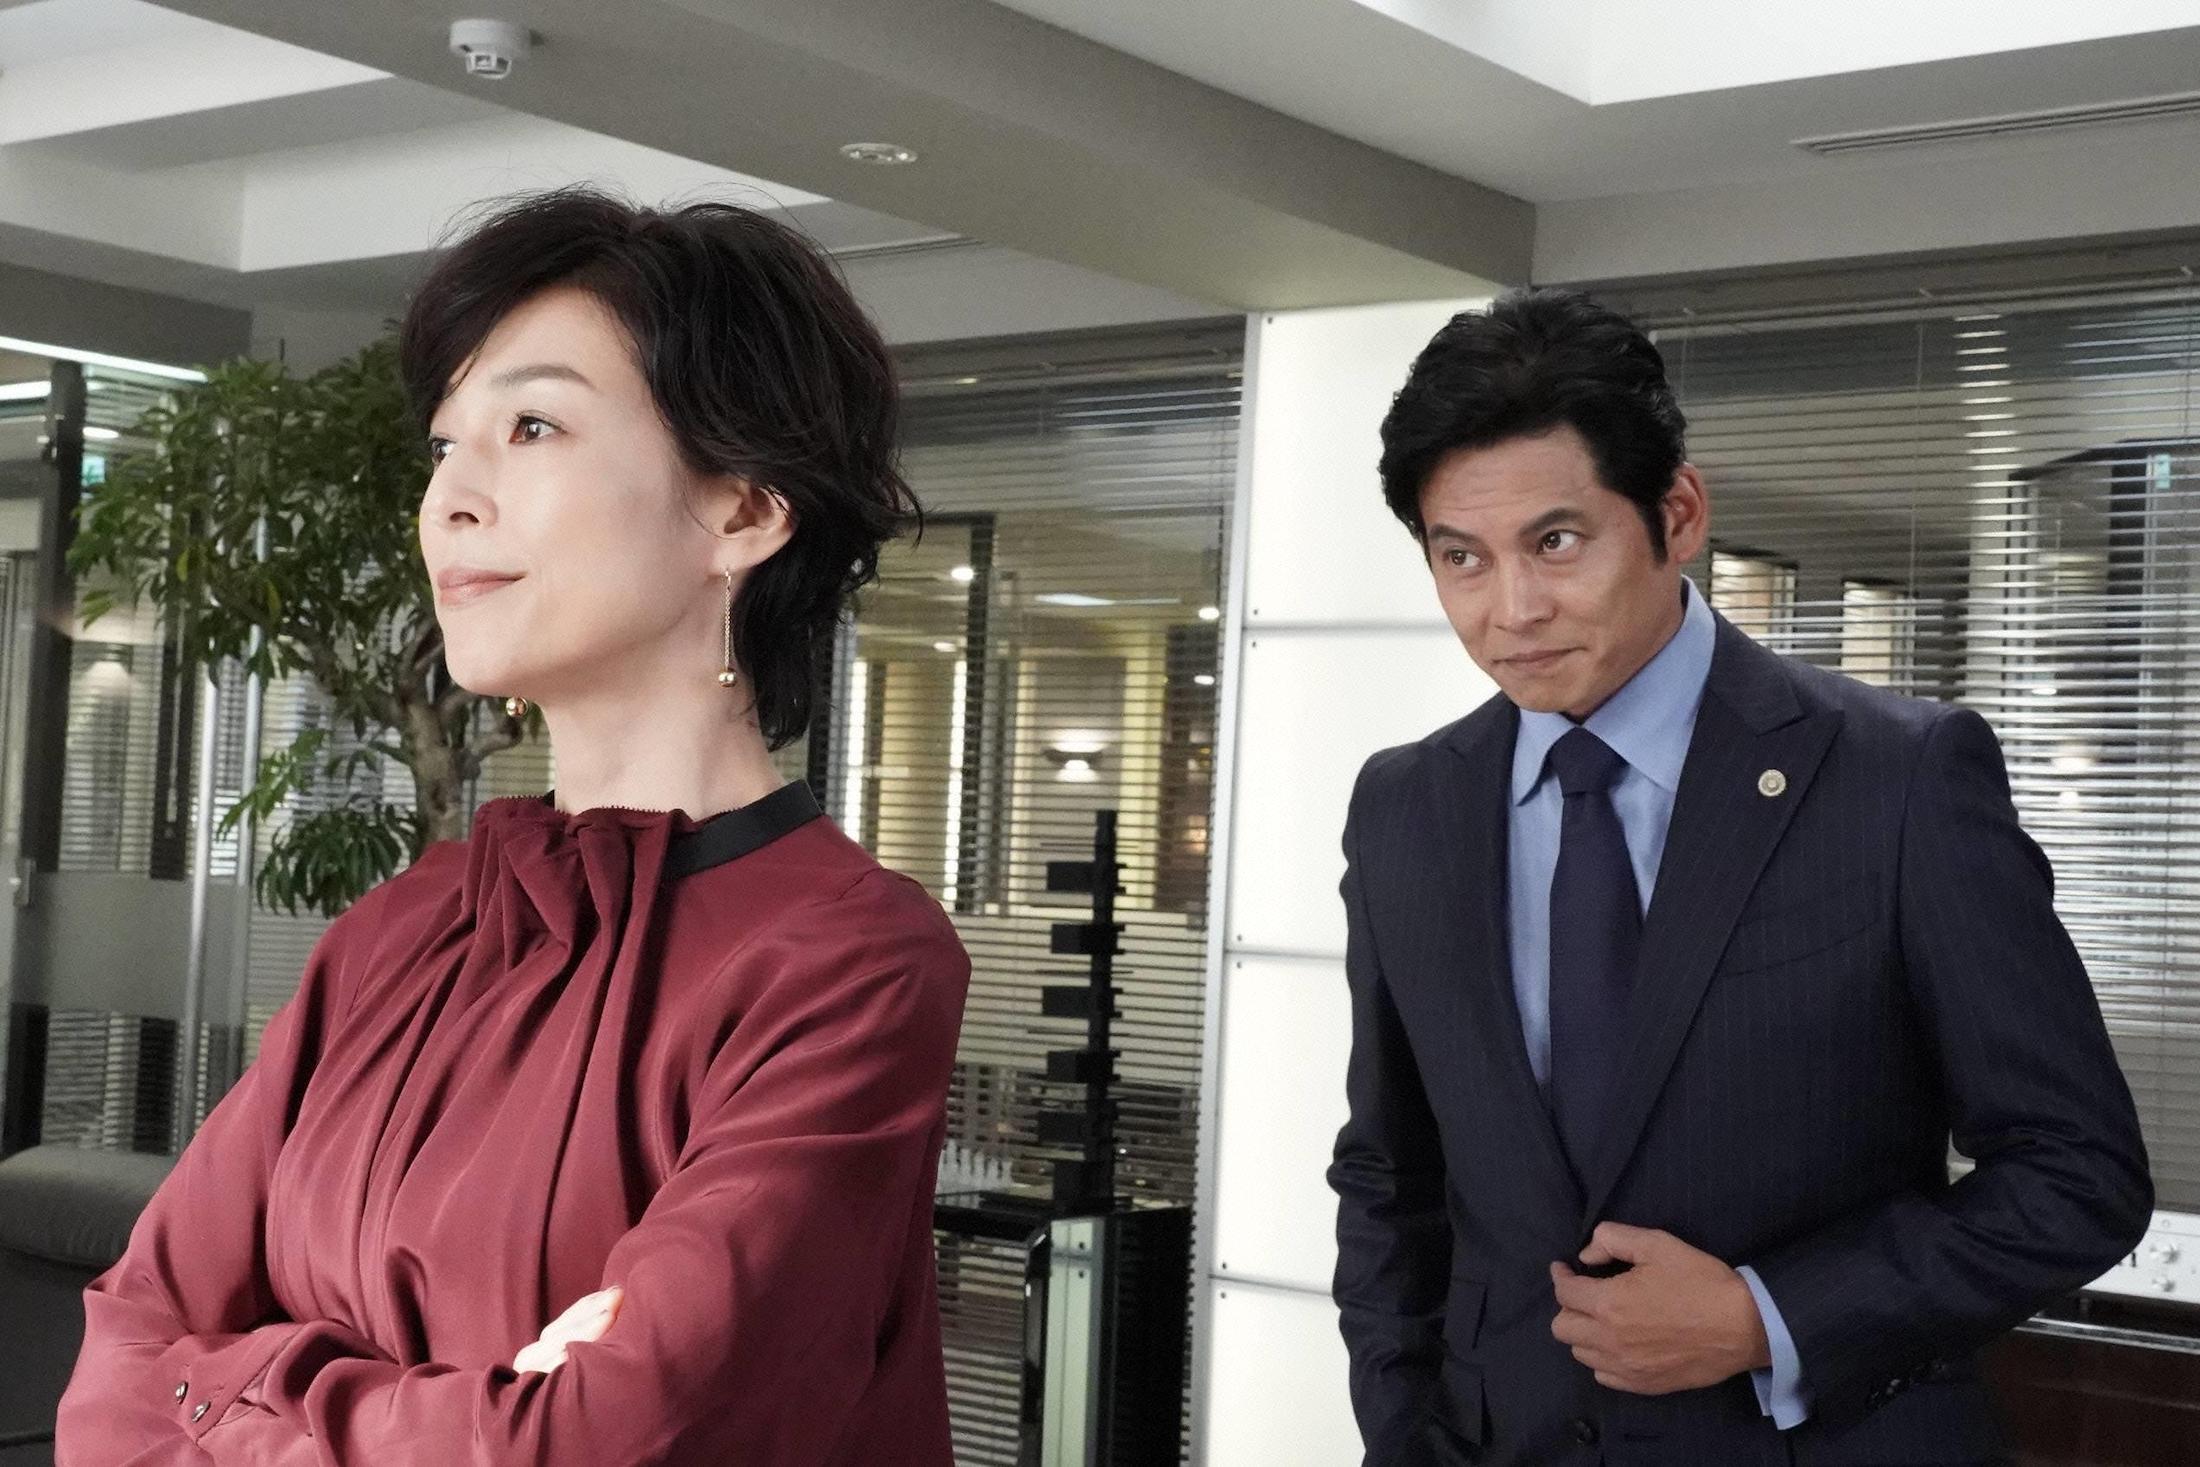 鈴木保奈美さんと織田裕二さん